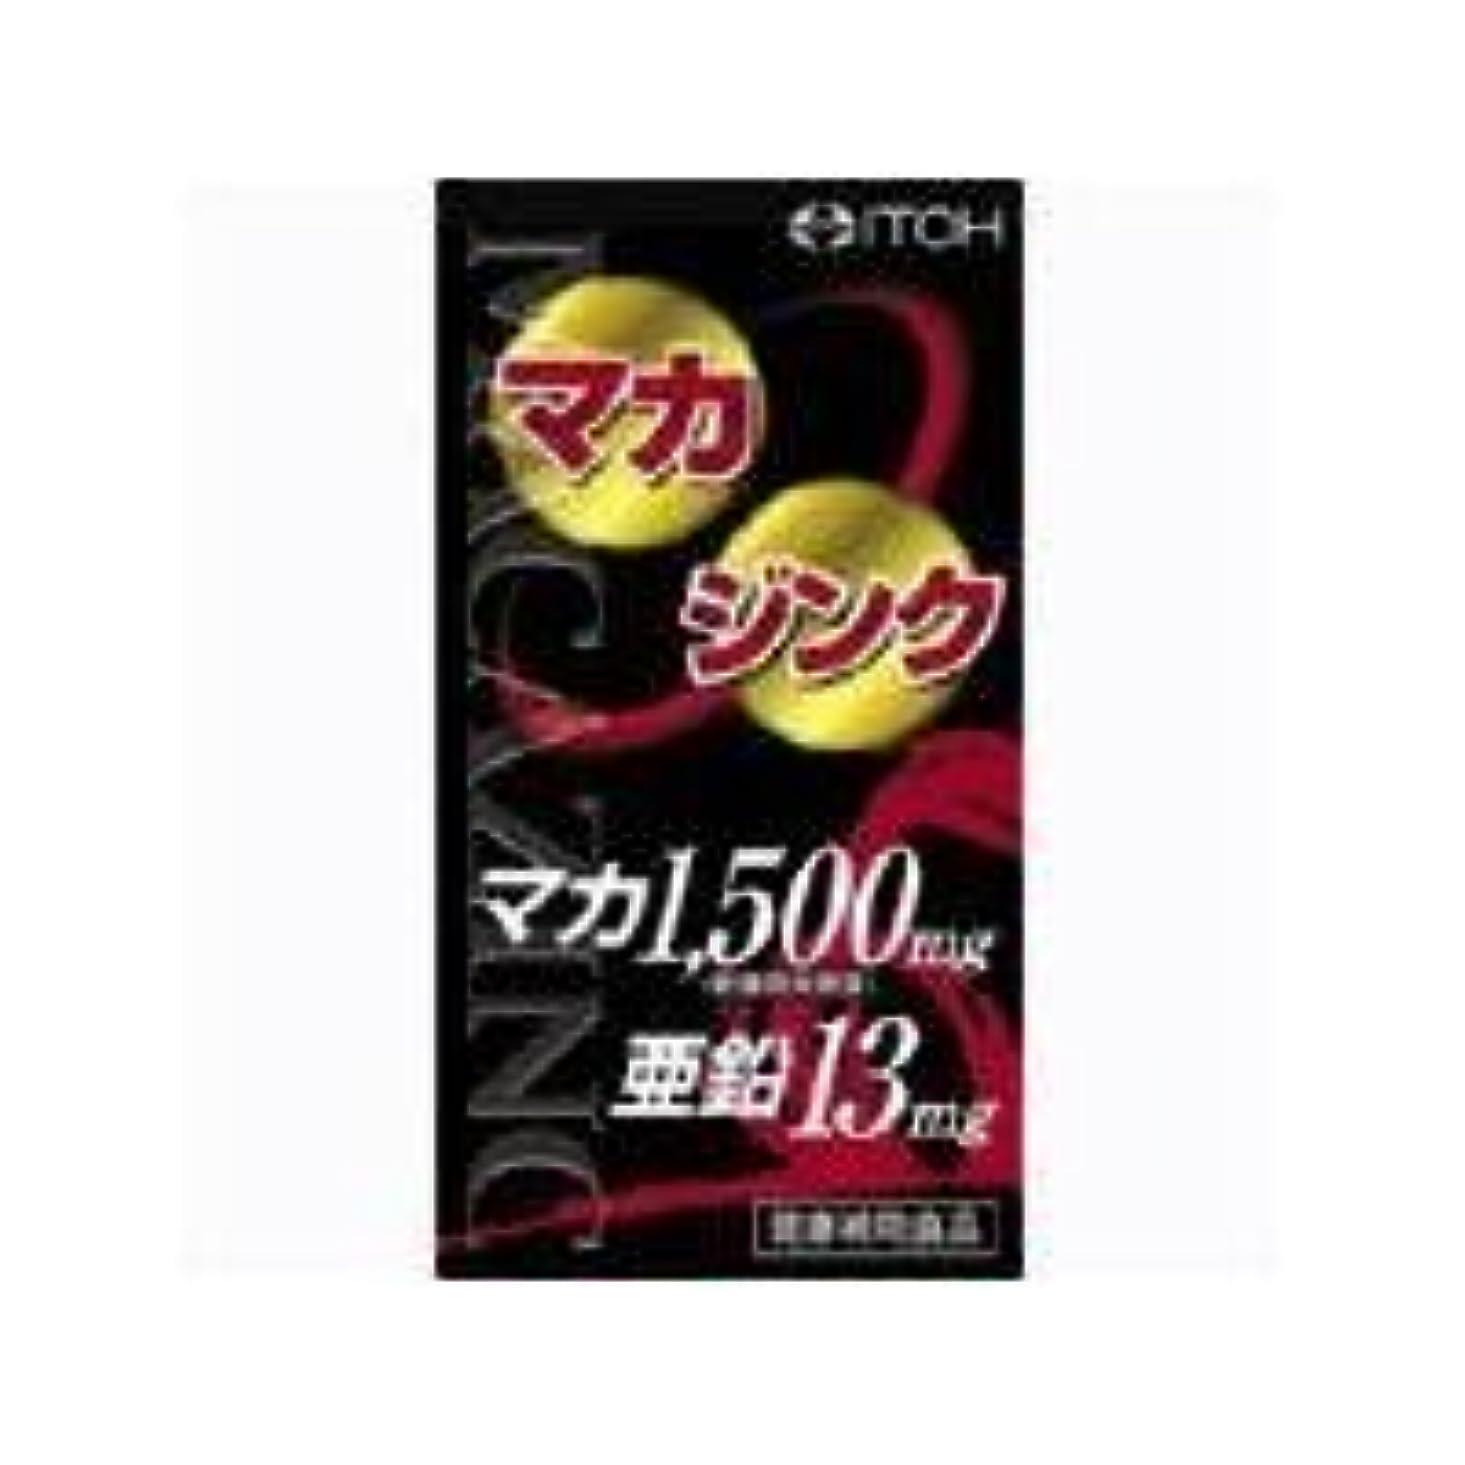 化粧長椅子ストッキング井藤漢方製薬 マカジンク 250mg×約180粒 2個セット